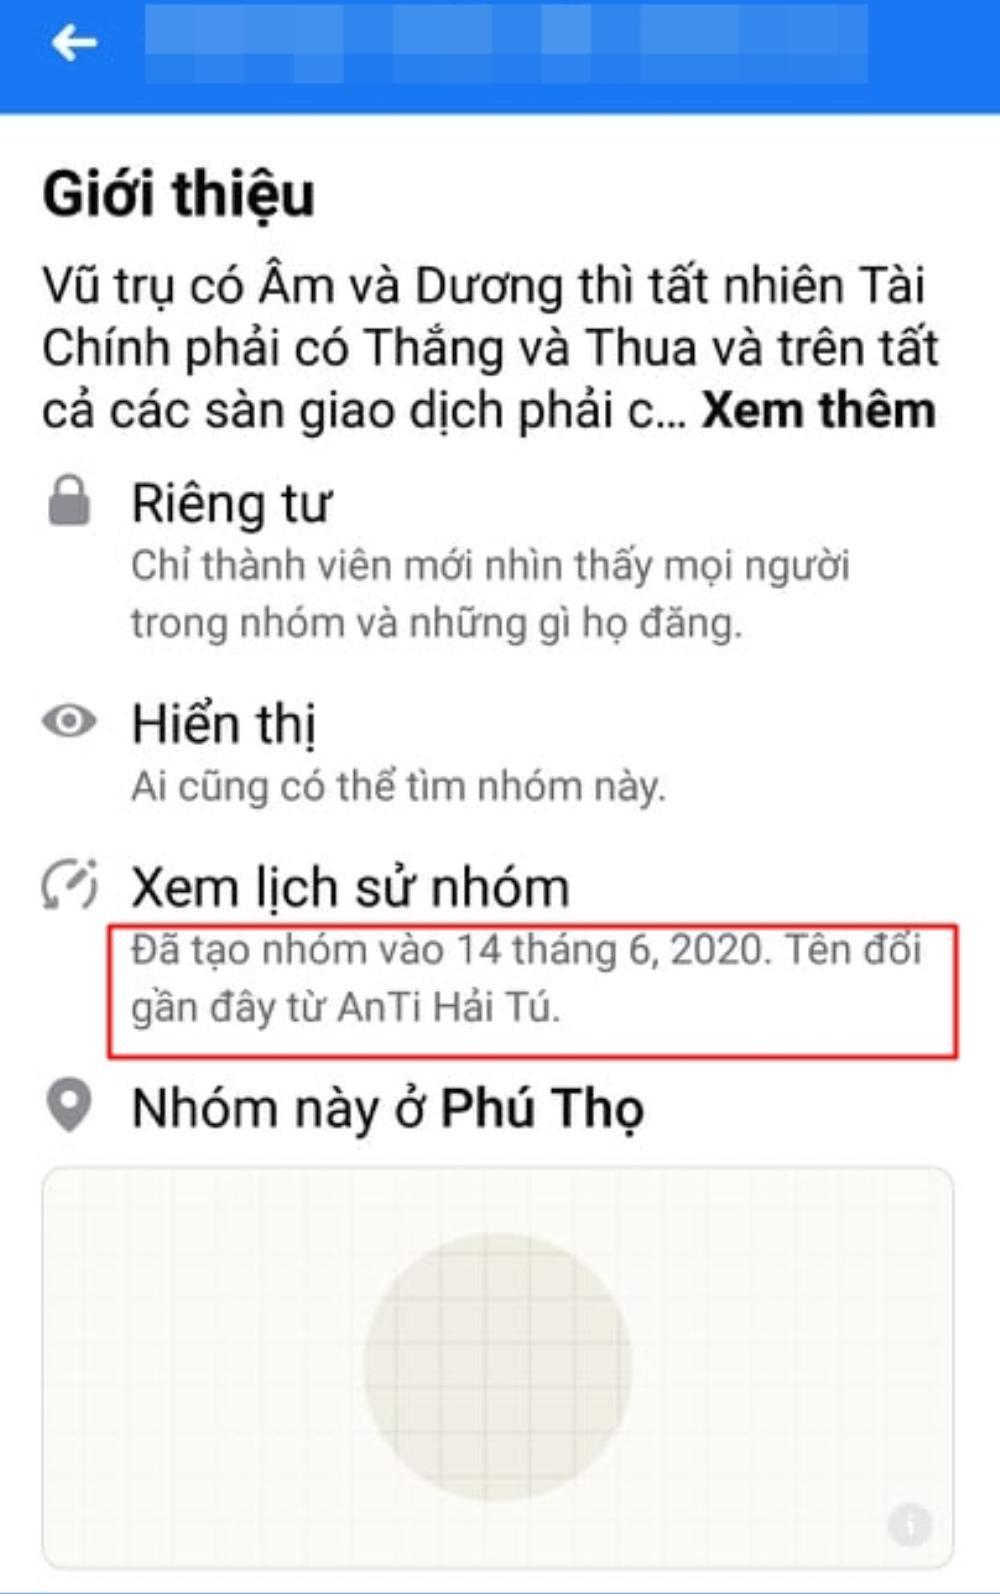 Hàng loạt Group anti-fan Hải Tú đổi tên, làn sóng công kích 'trà xanh' đang dần lụi tàn? Ảnh 3